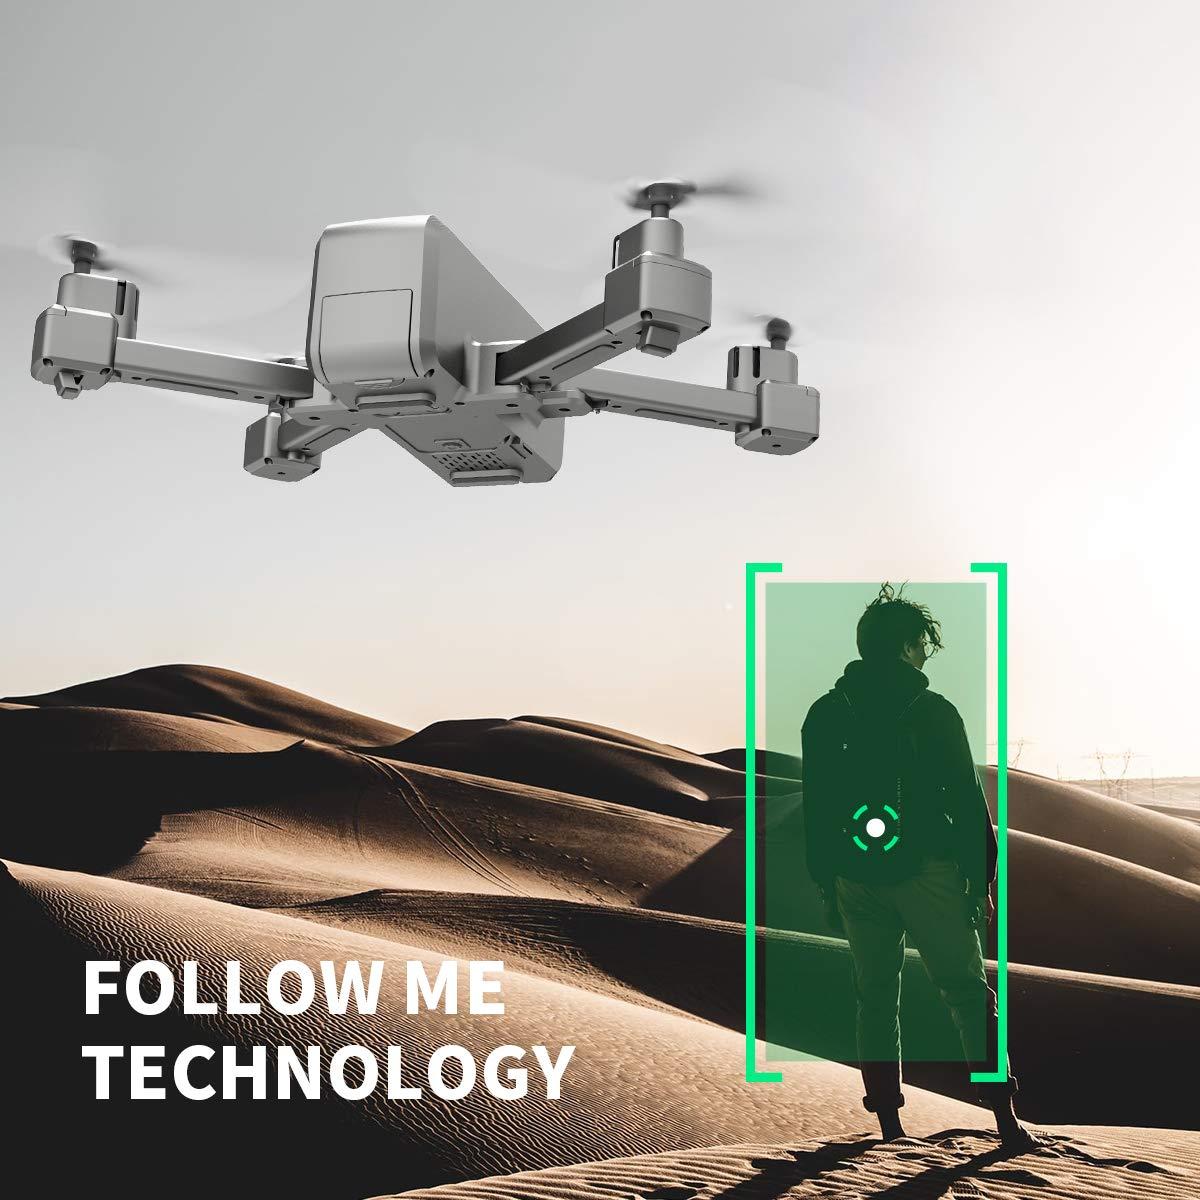 HR H5 Drone Follow Me